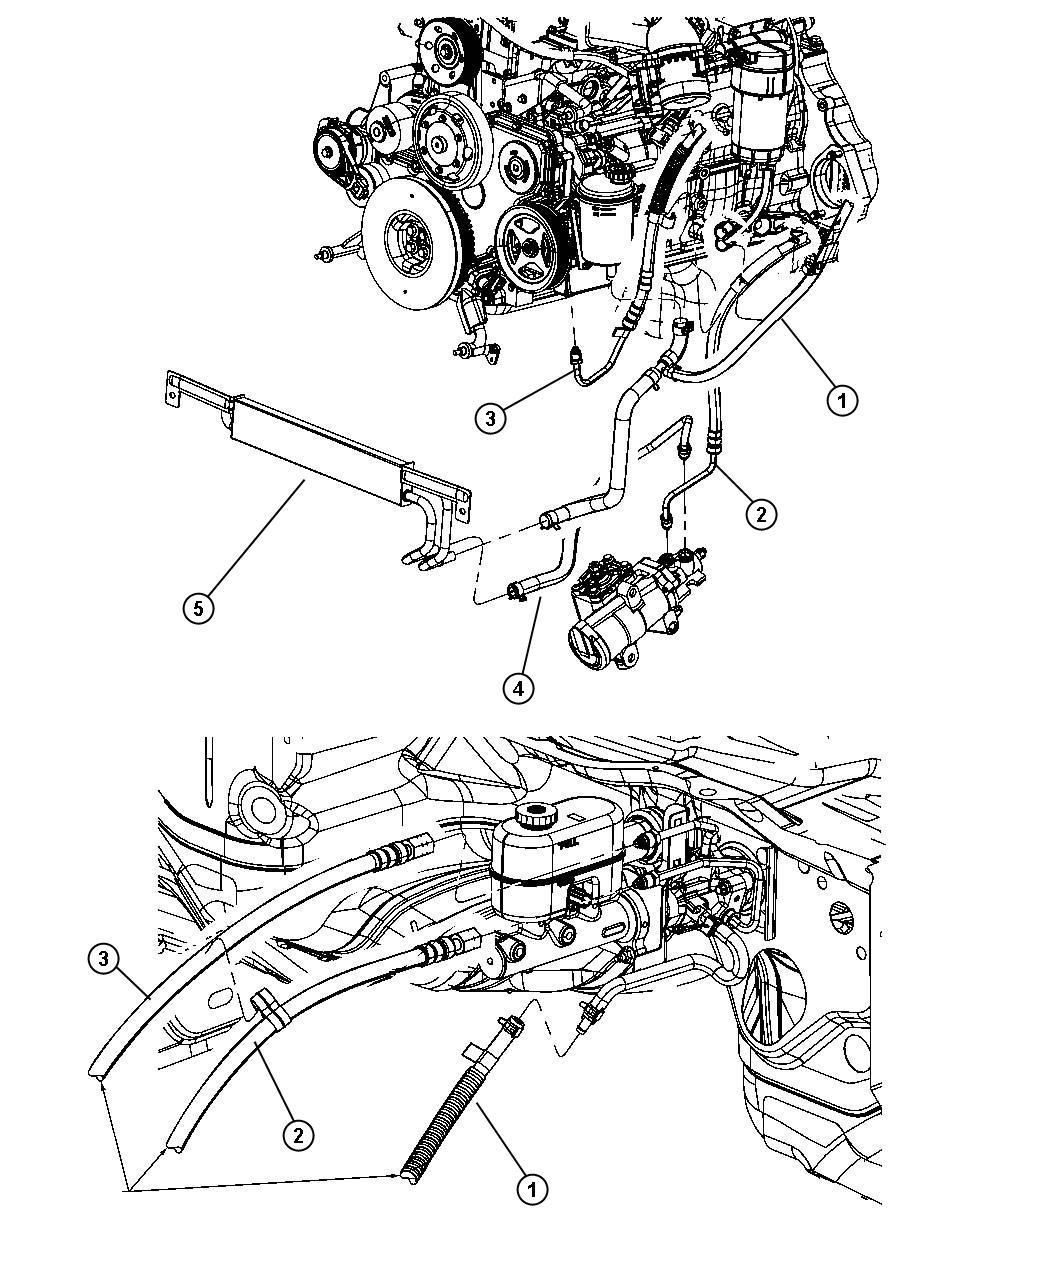 Dodge Ram 6 7l I6 Cummins Turbosel 6 Speed